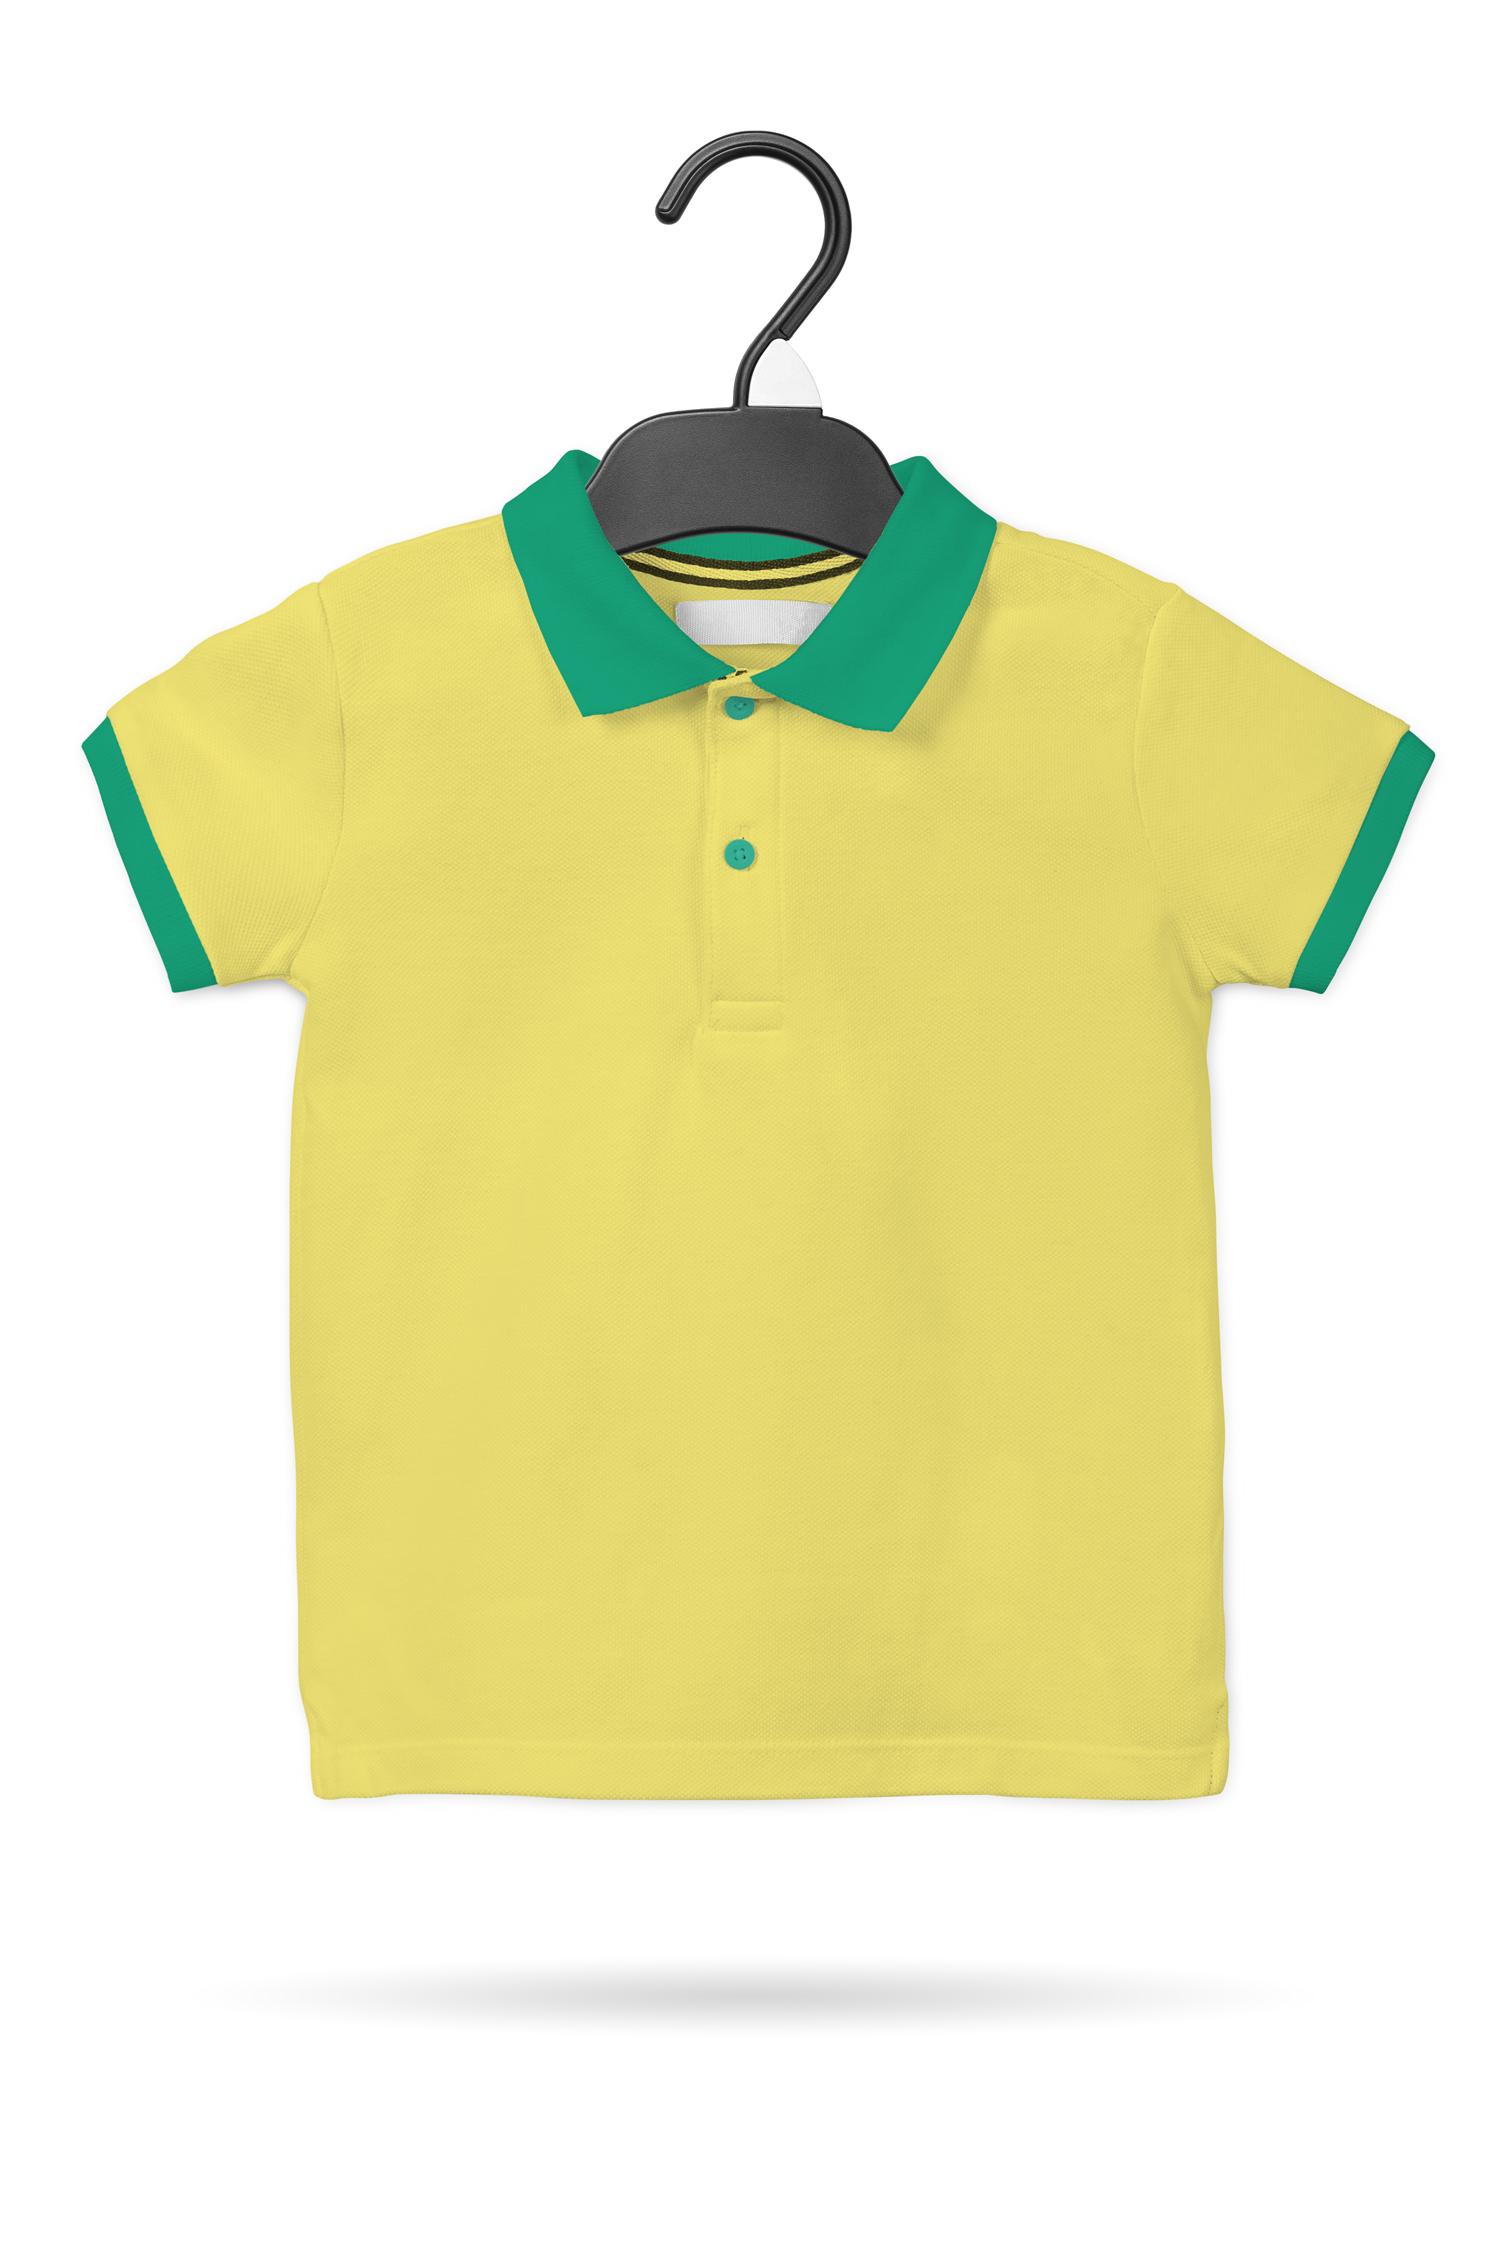 موکاپ تی شرت یقه دار دکمه ای پسرانه